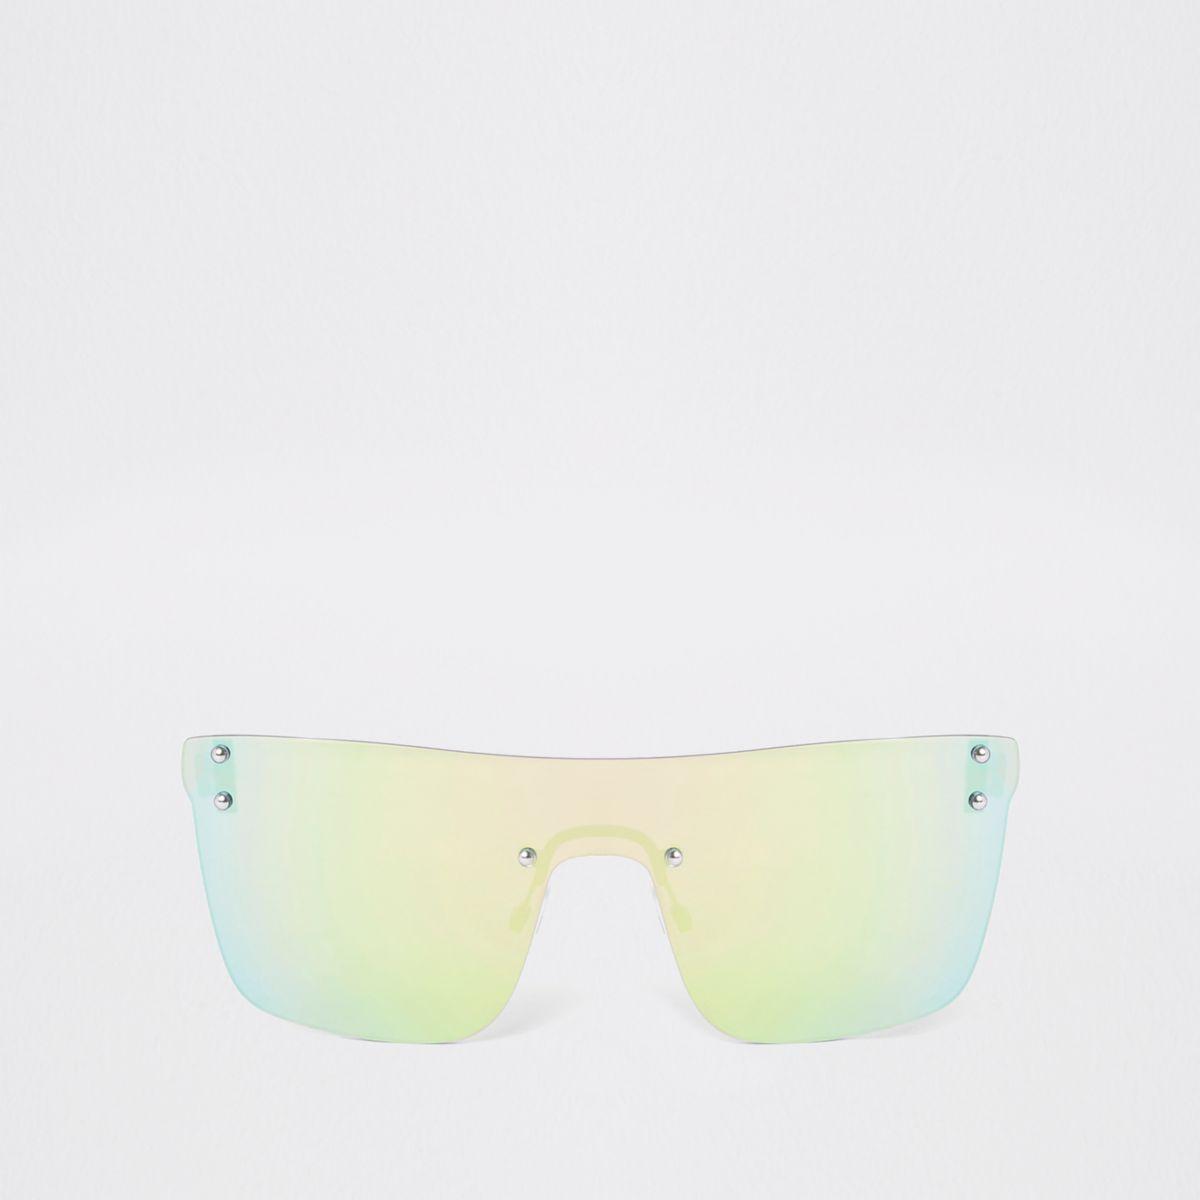 Grey mirrored visor sunglasses